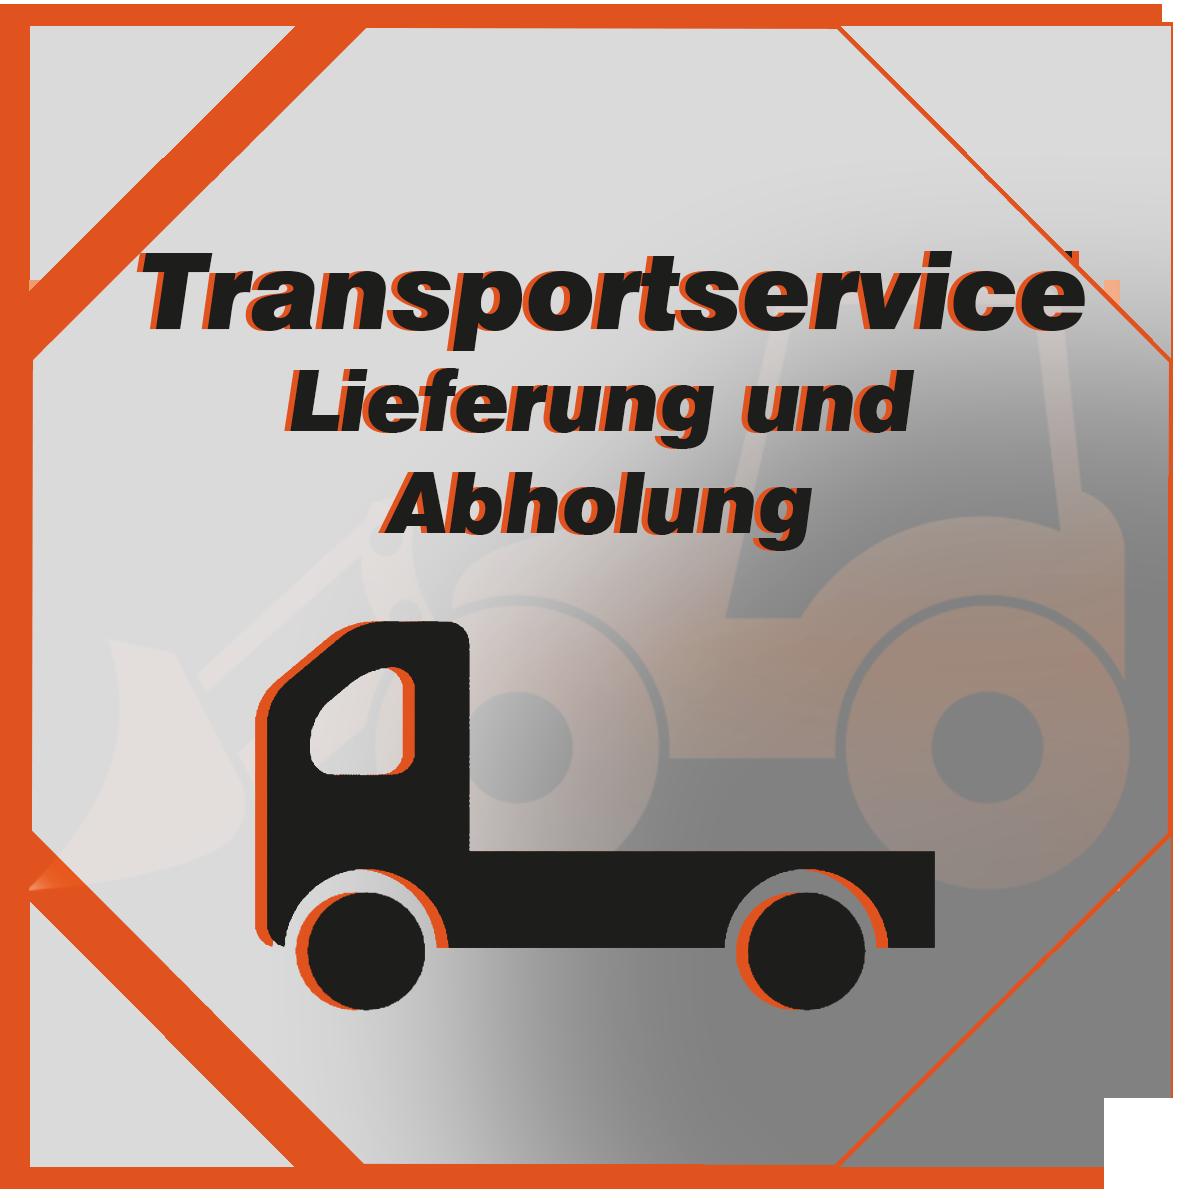 Transportservice für Kommunal, Garten Bau und Forsttechnik. Lieferung und Abholung vor Ort